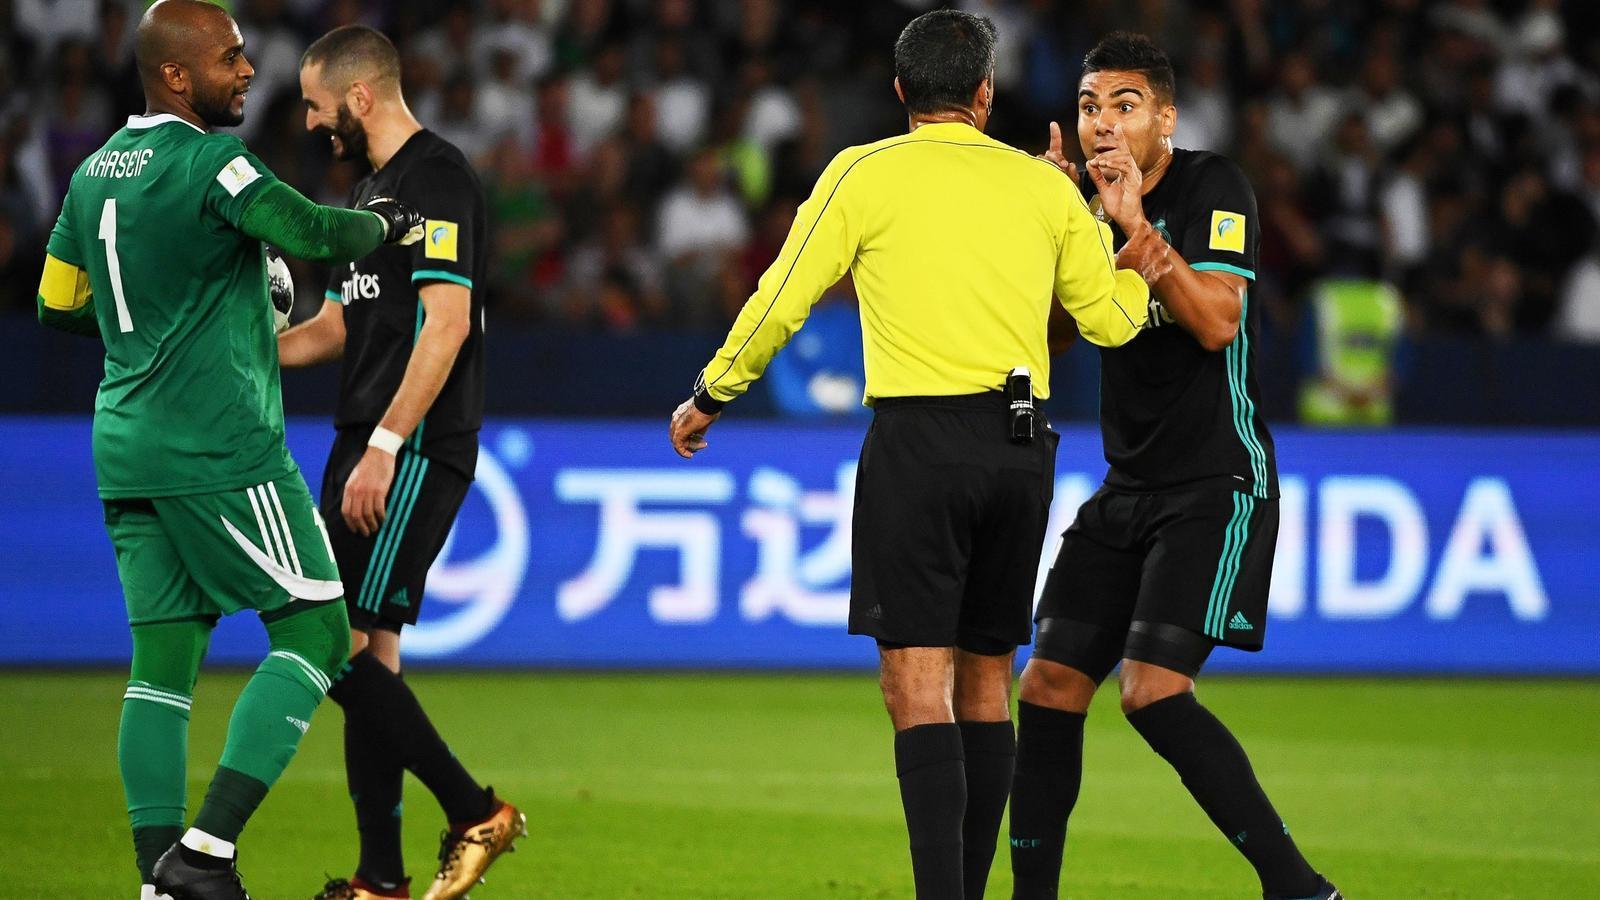 Casemiro, discutint amb l'àrbitre després del gol anulat